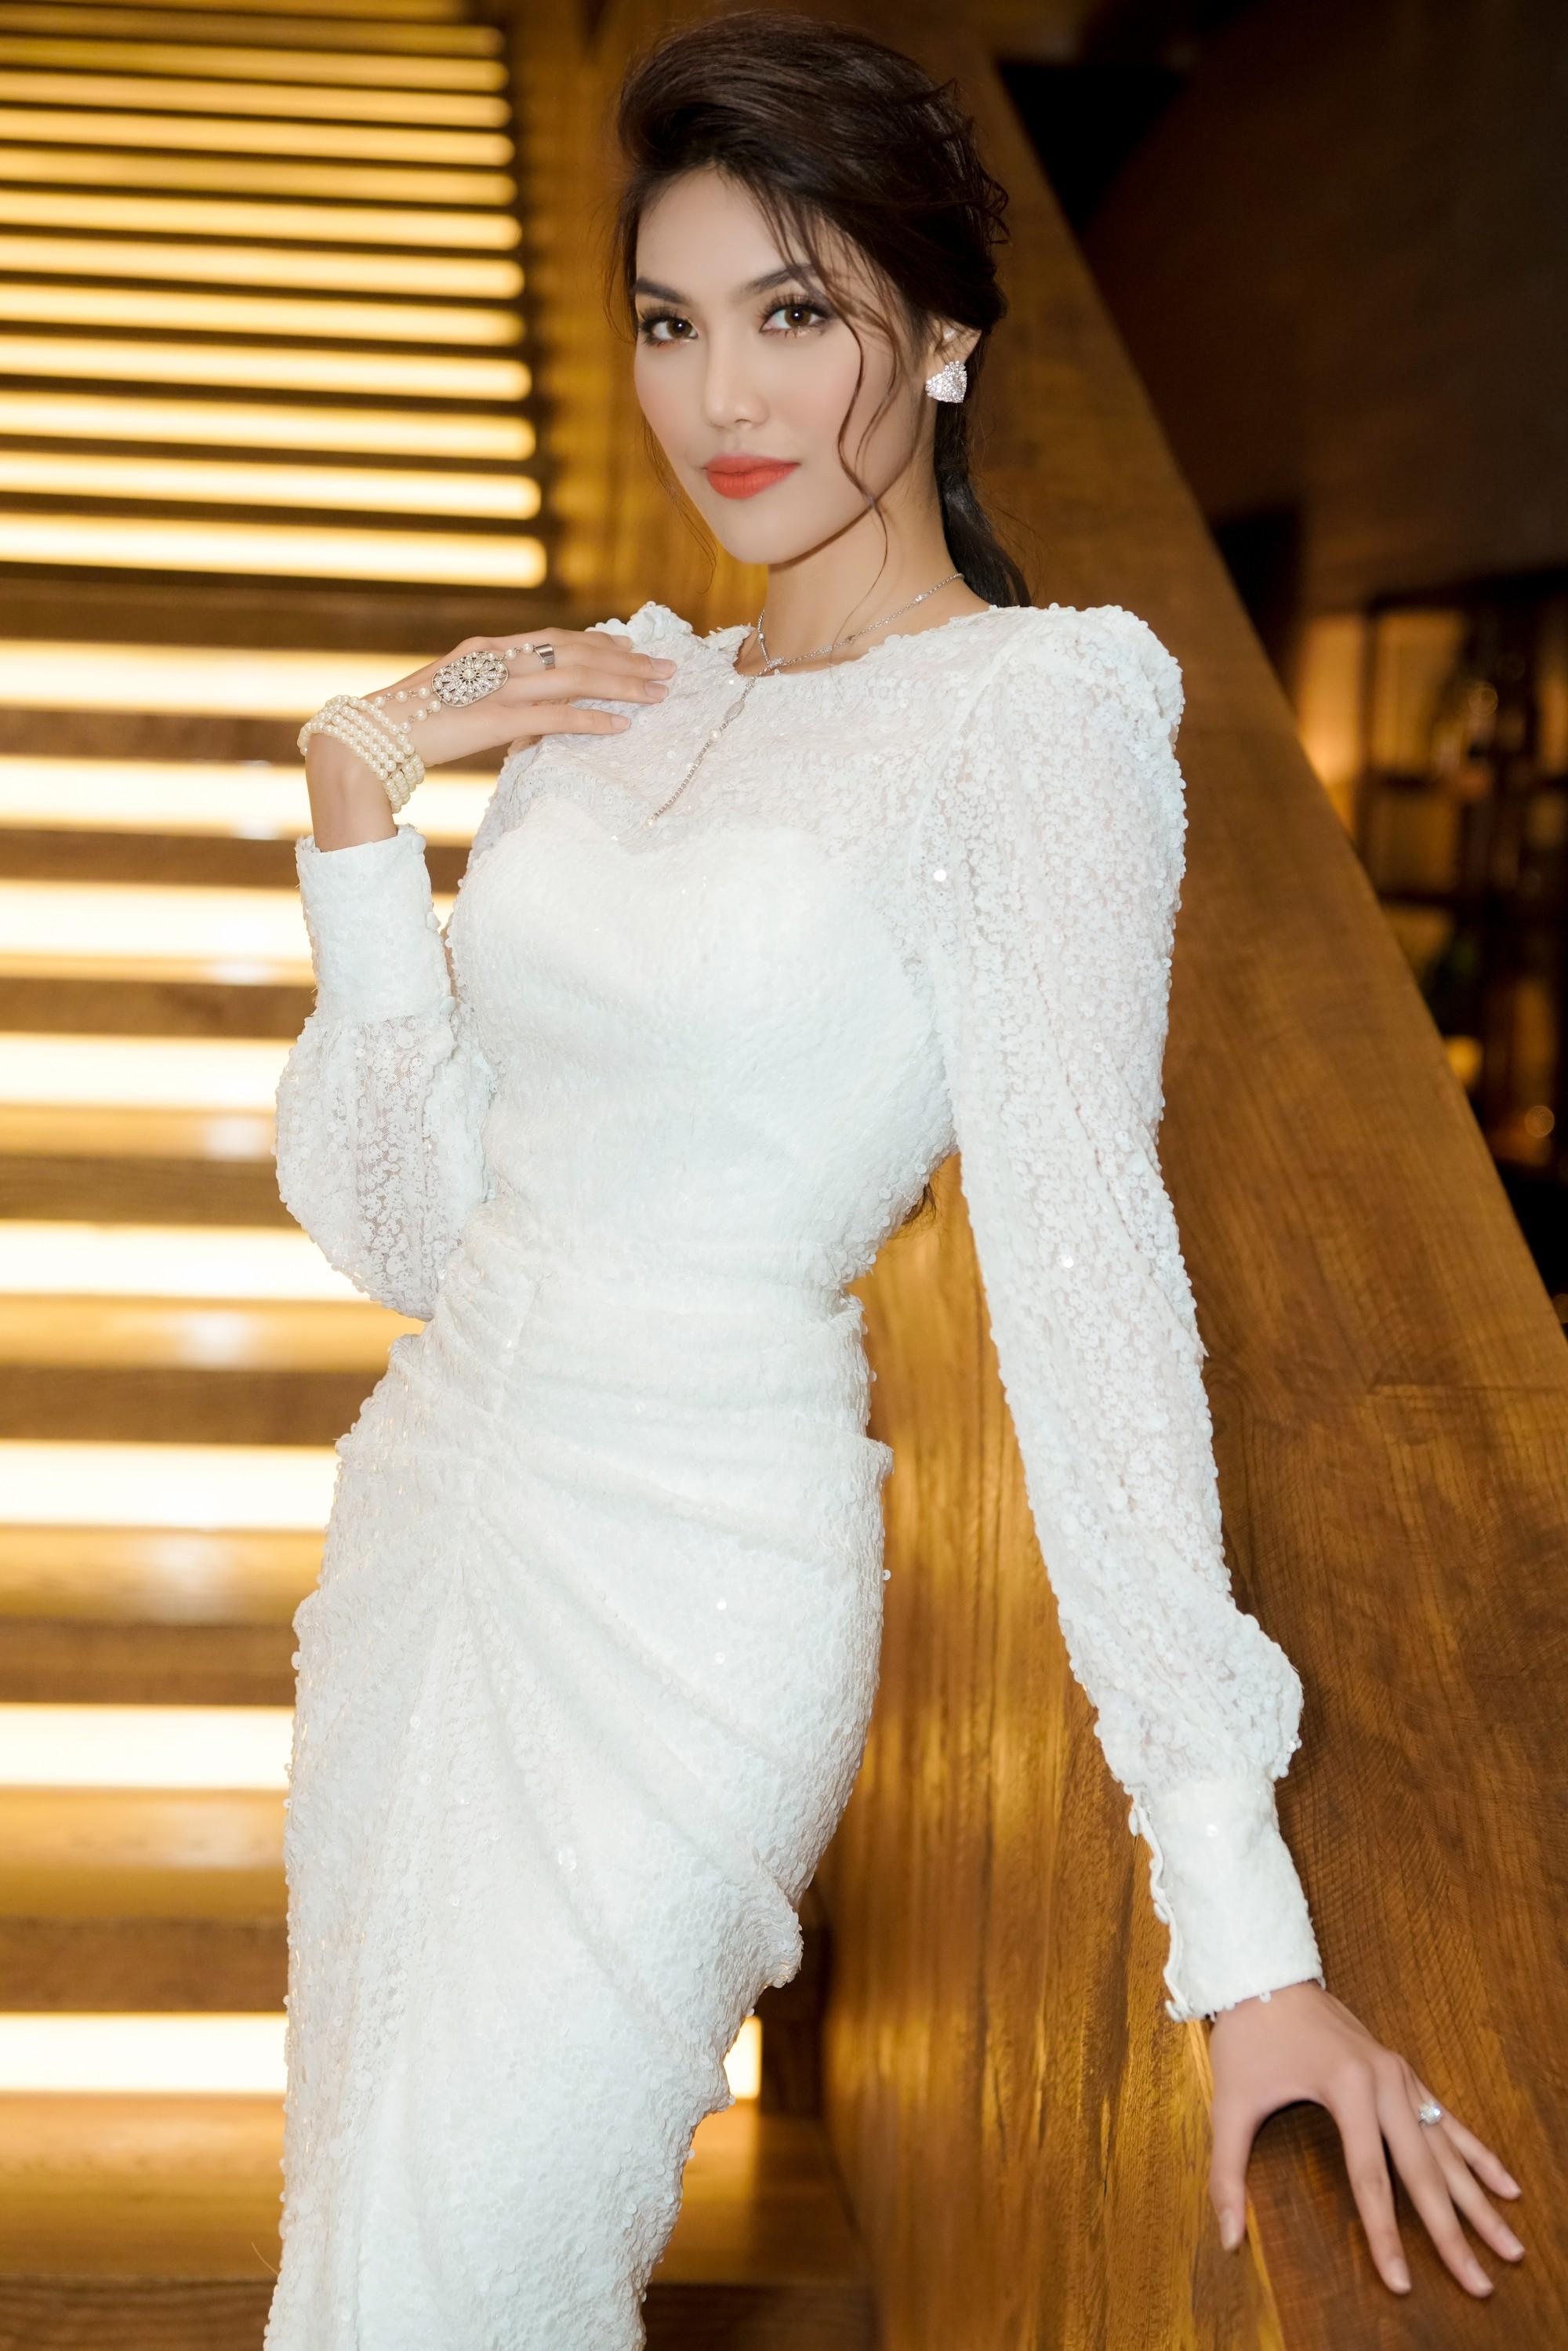 Hương Giang quyến rũ với váy xuyên thấu bó sát, Lan Khuê diện váy trắng tinh khôi như cô dâu tại sự kiện - Ảnh 8.